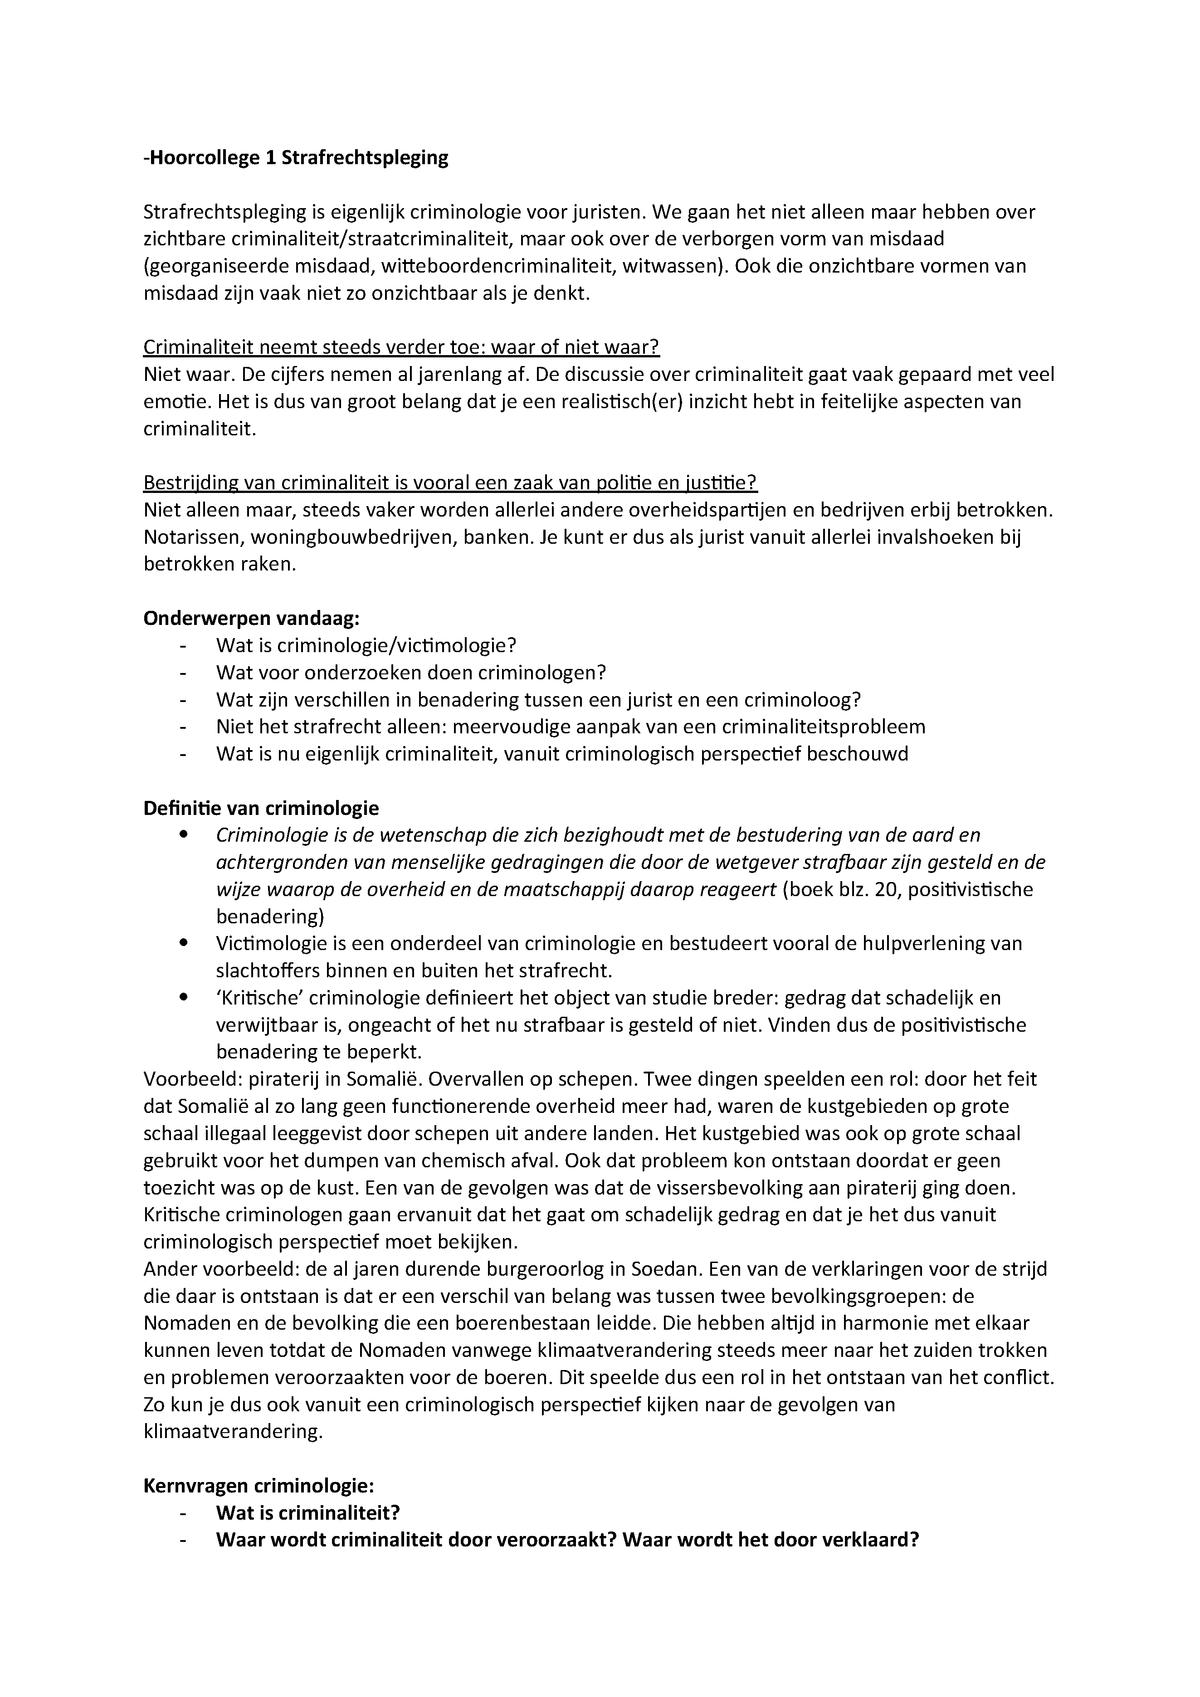 Hoorcolleges Strafrechtspleging - 670085: Strafrechtspleging